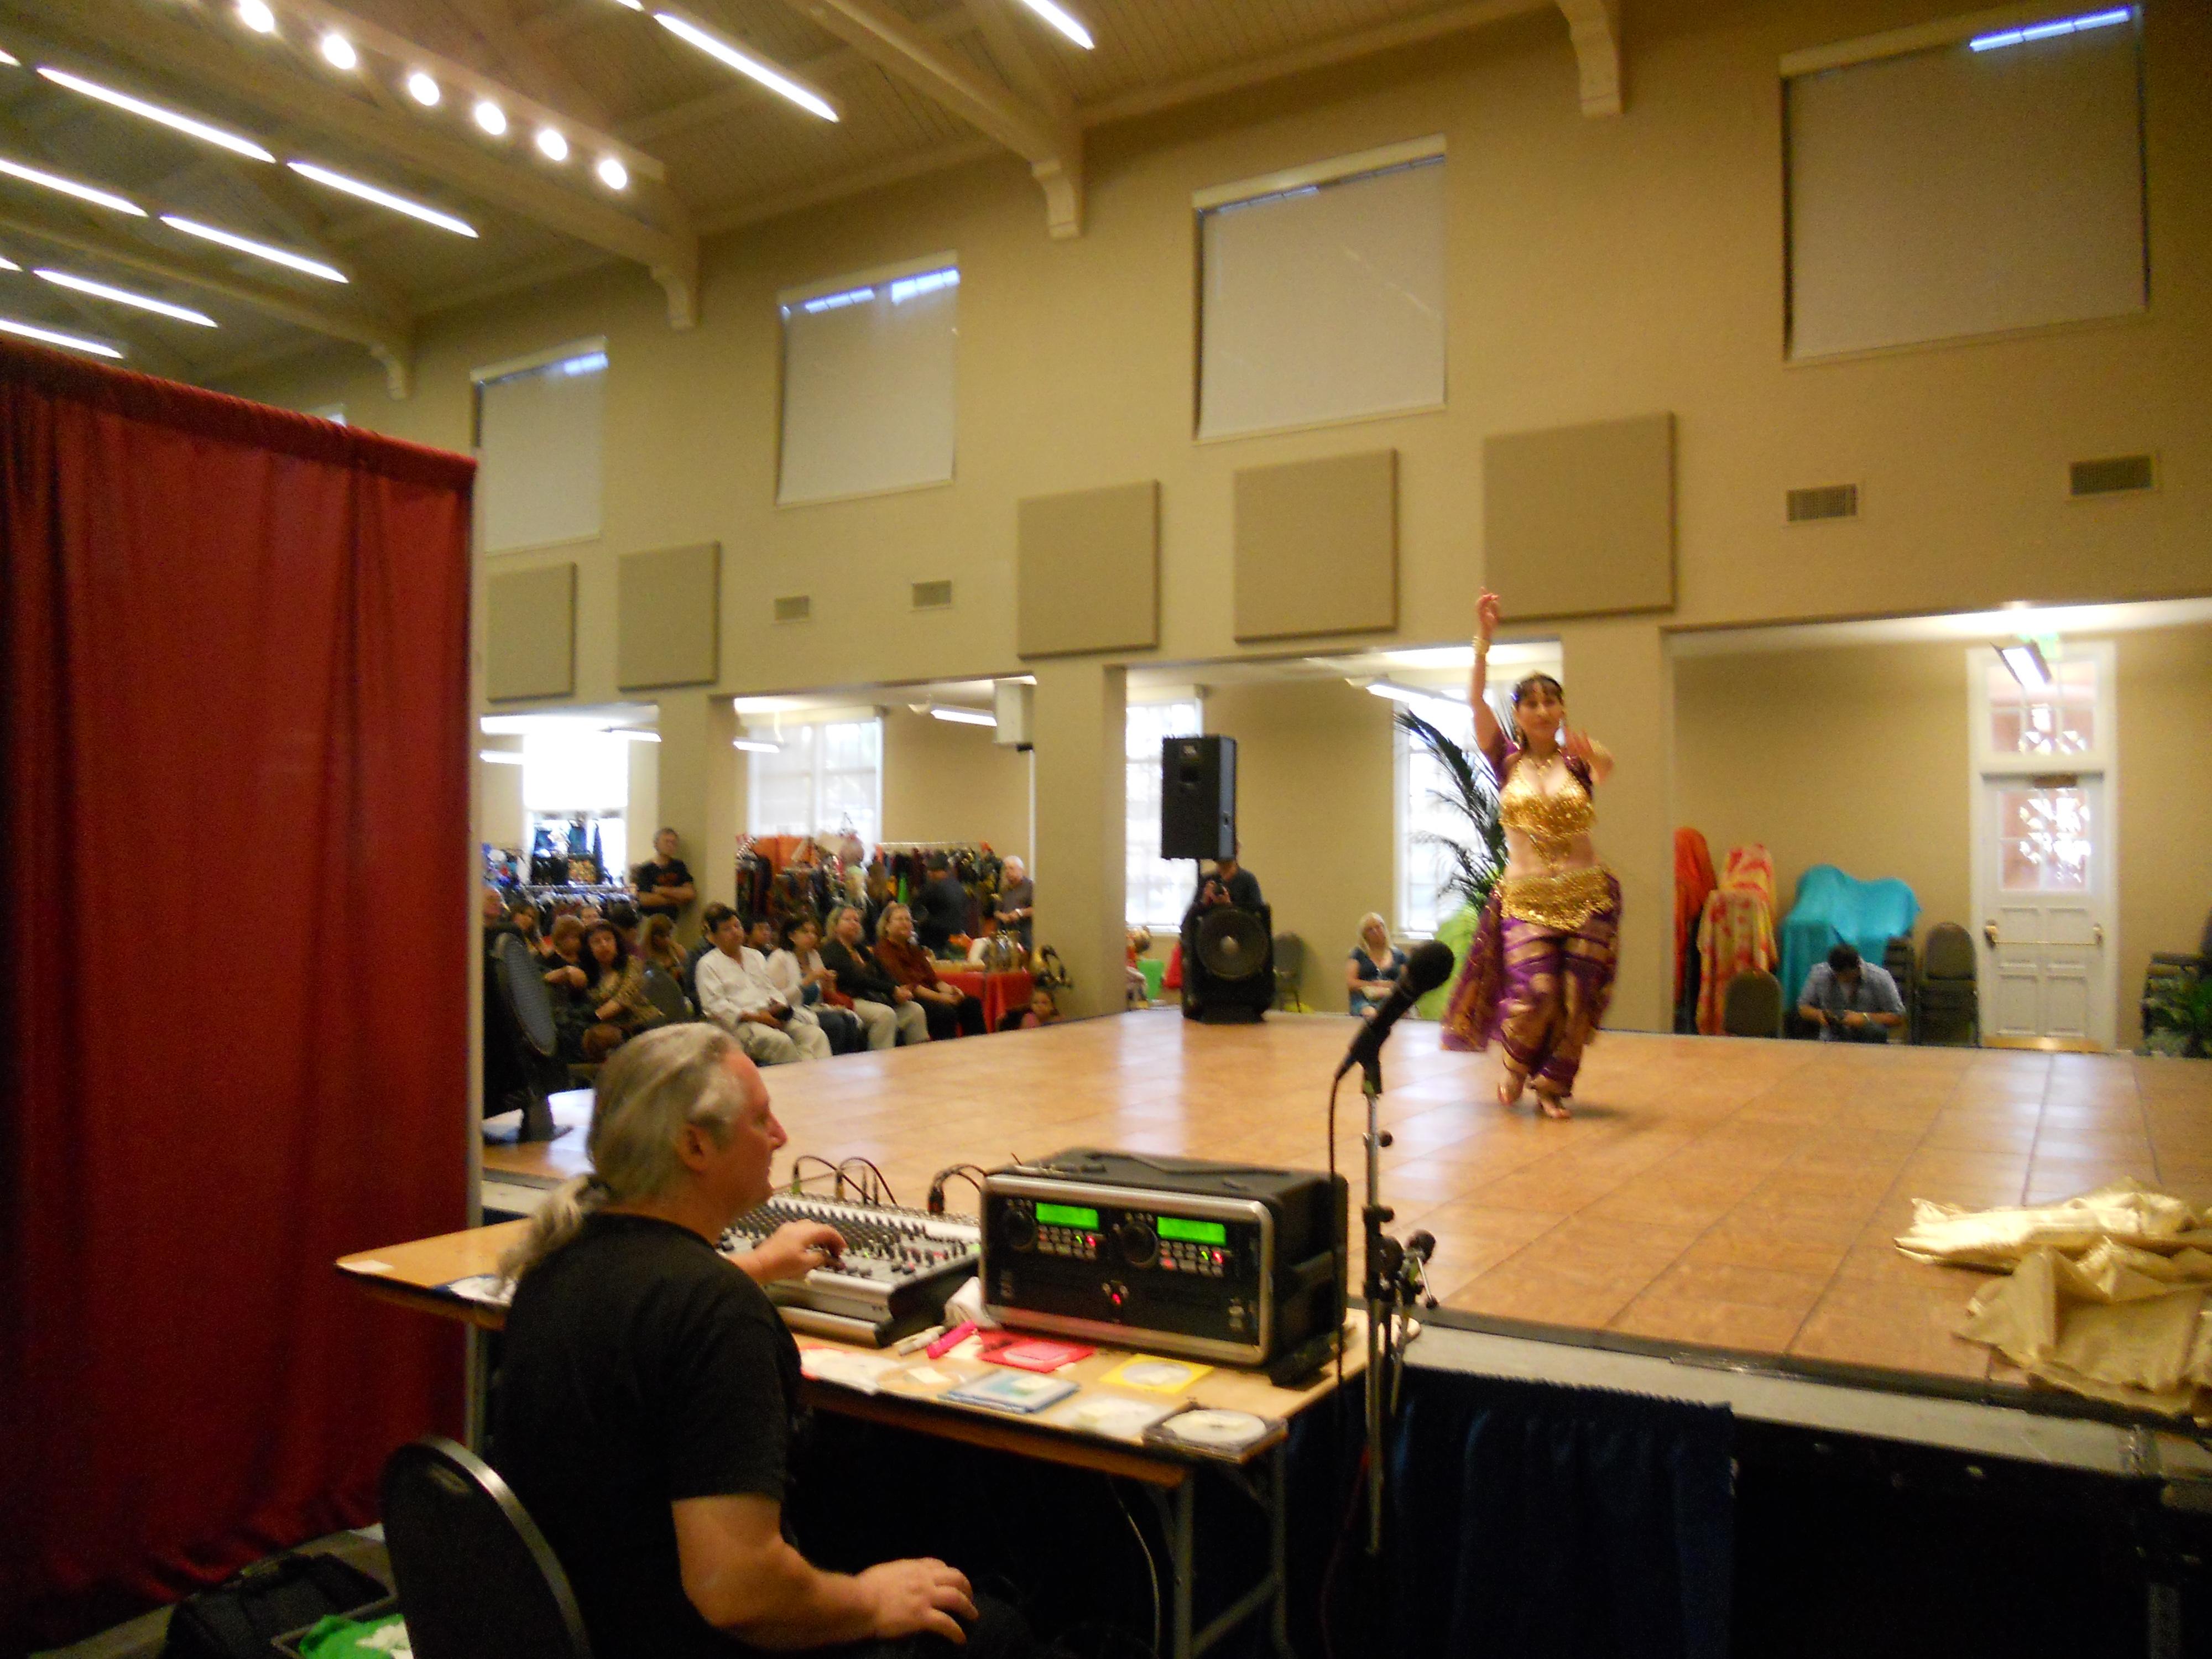 SAMEDA Faire audio desk, 2008 McMillan Center